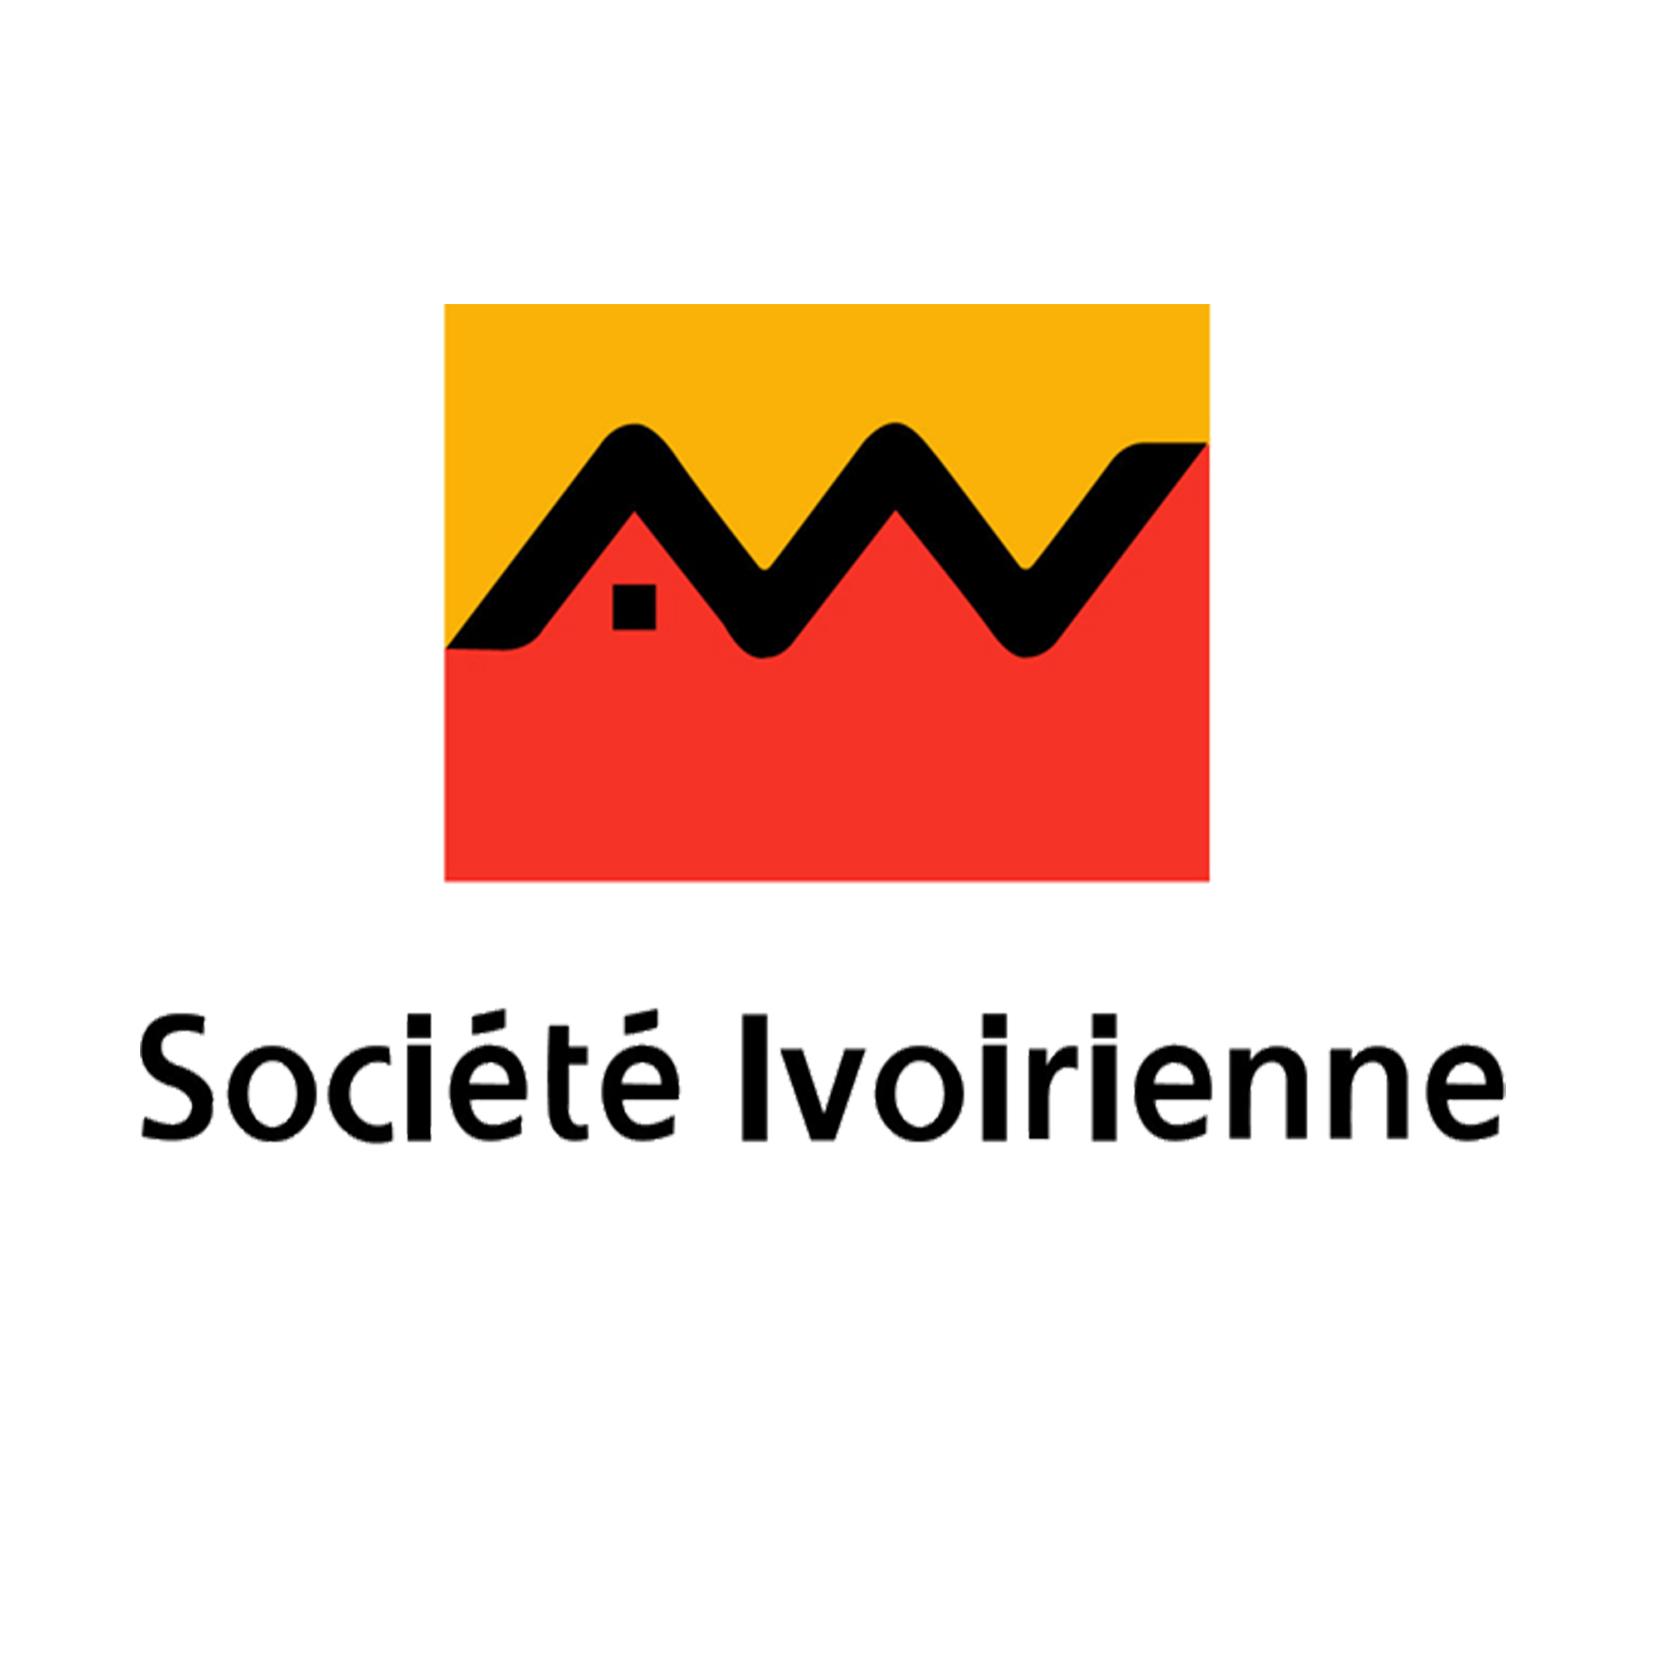 Société Ivoirienne